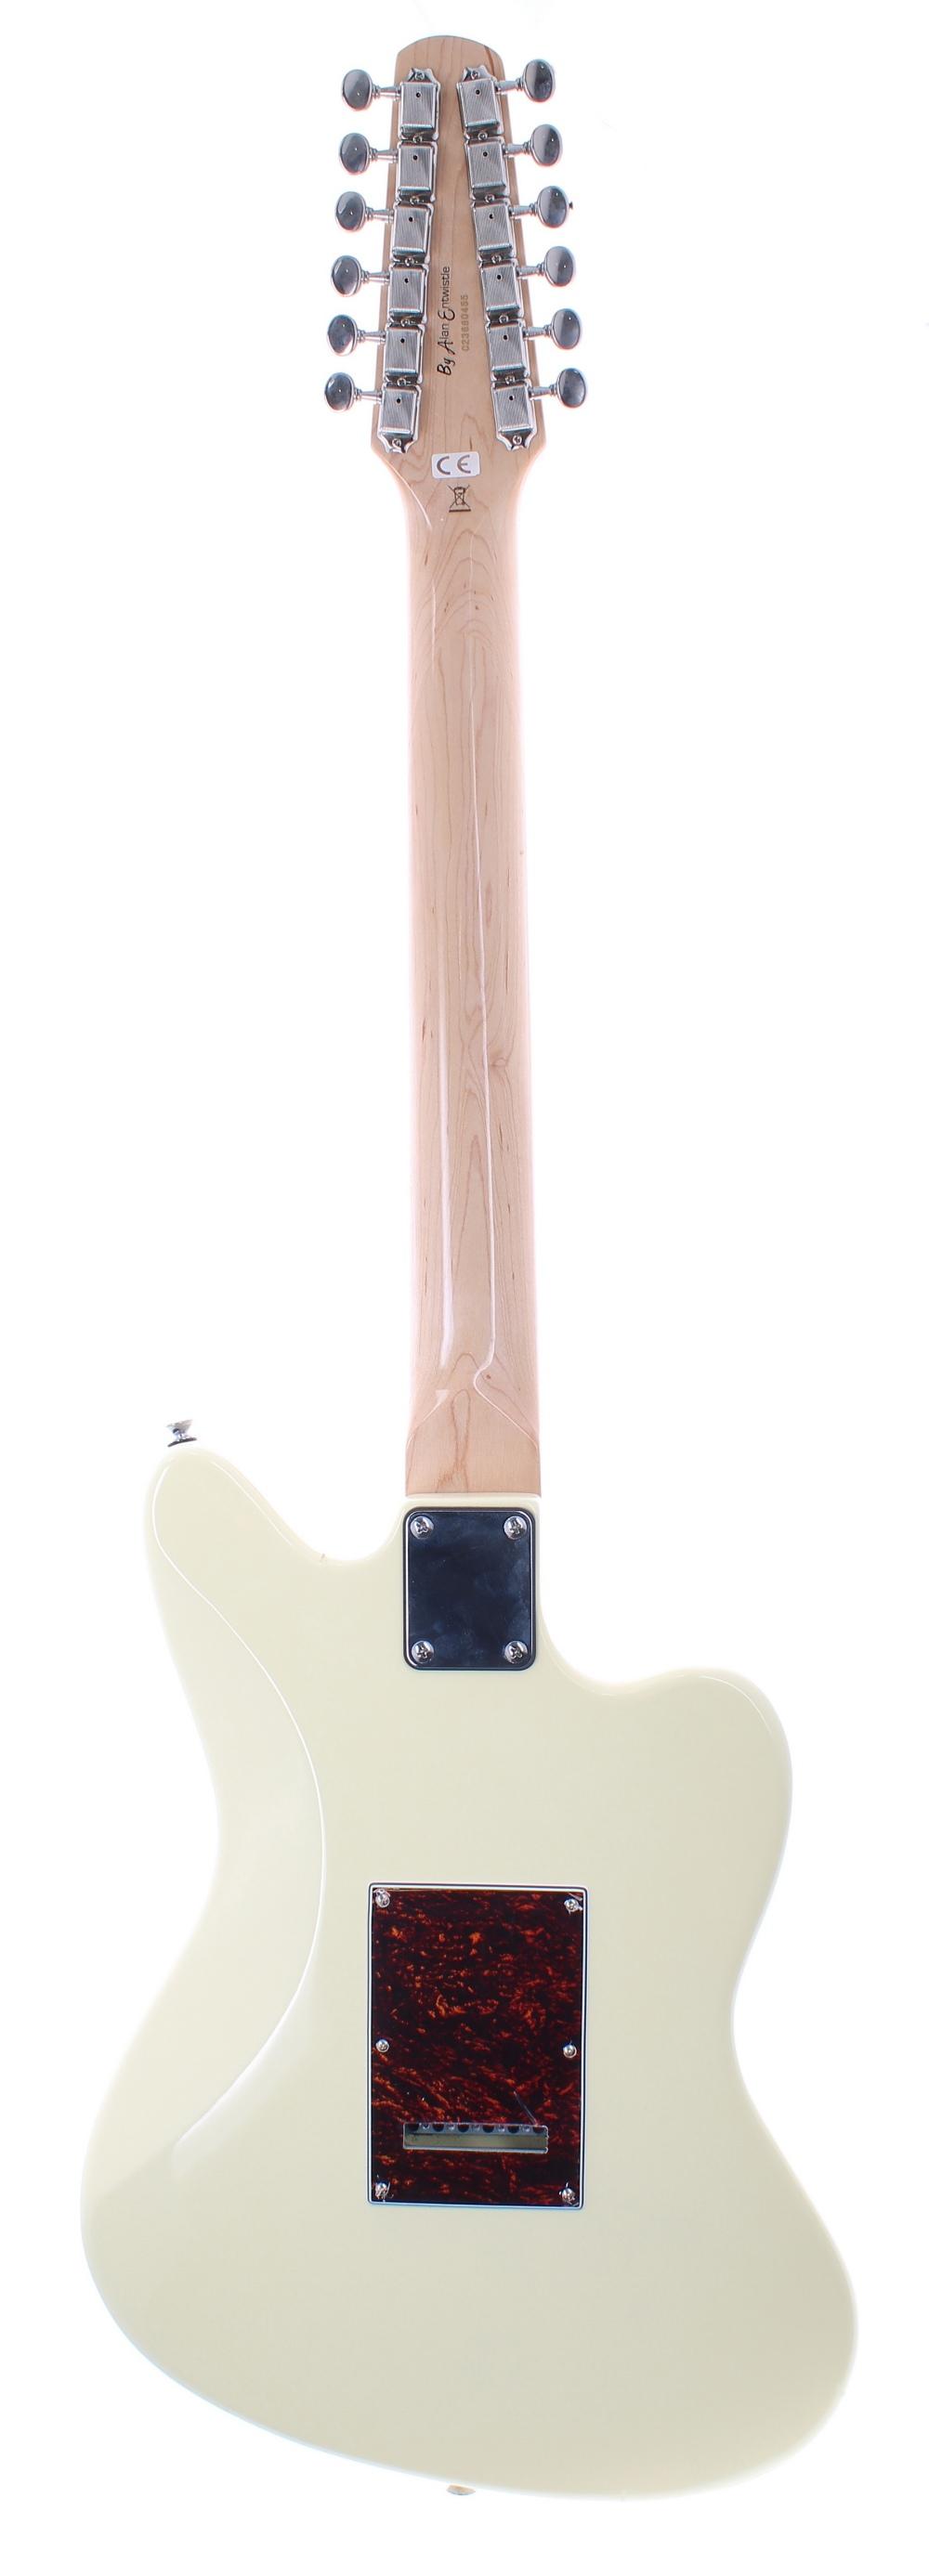 Revelation by Alan Entwistle RJT60/12 left handed twelve string electric guitar; Finish: ivory; - Image 2 of 2